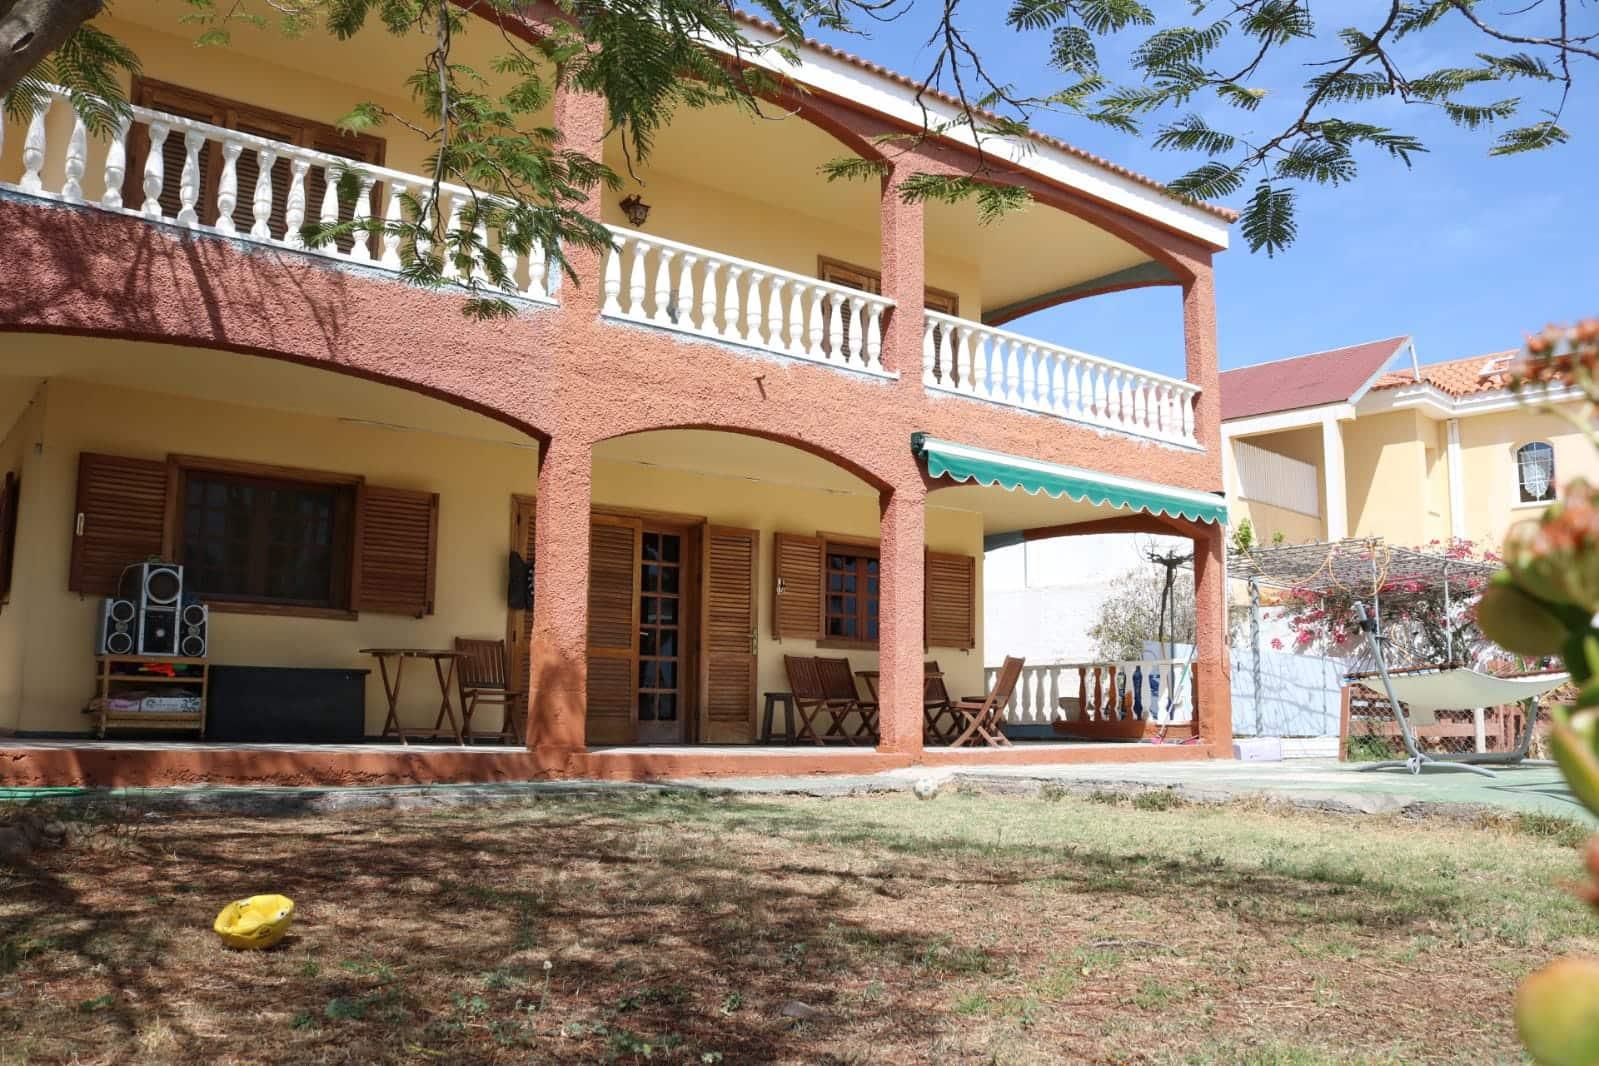 4 sypialnia Dom na sprzedaż w San Bartolome de Tirajana z garażem - 950 000 € (Ref: 4493046)